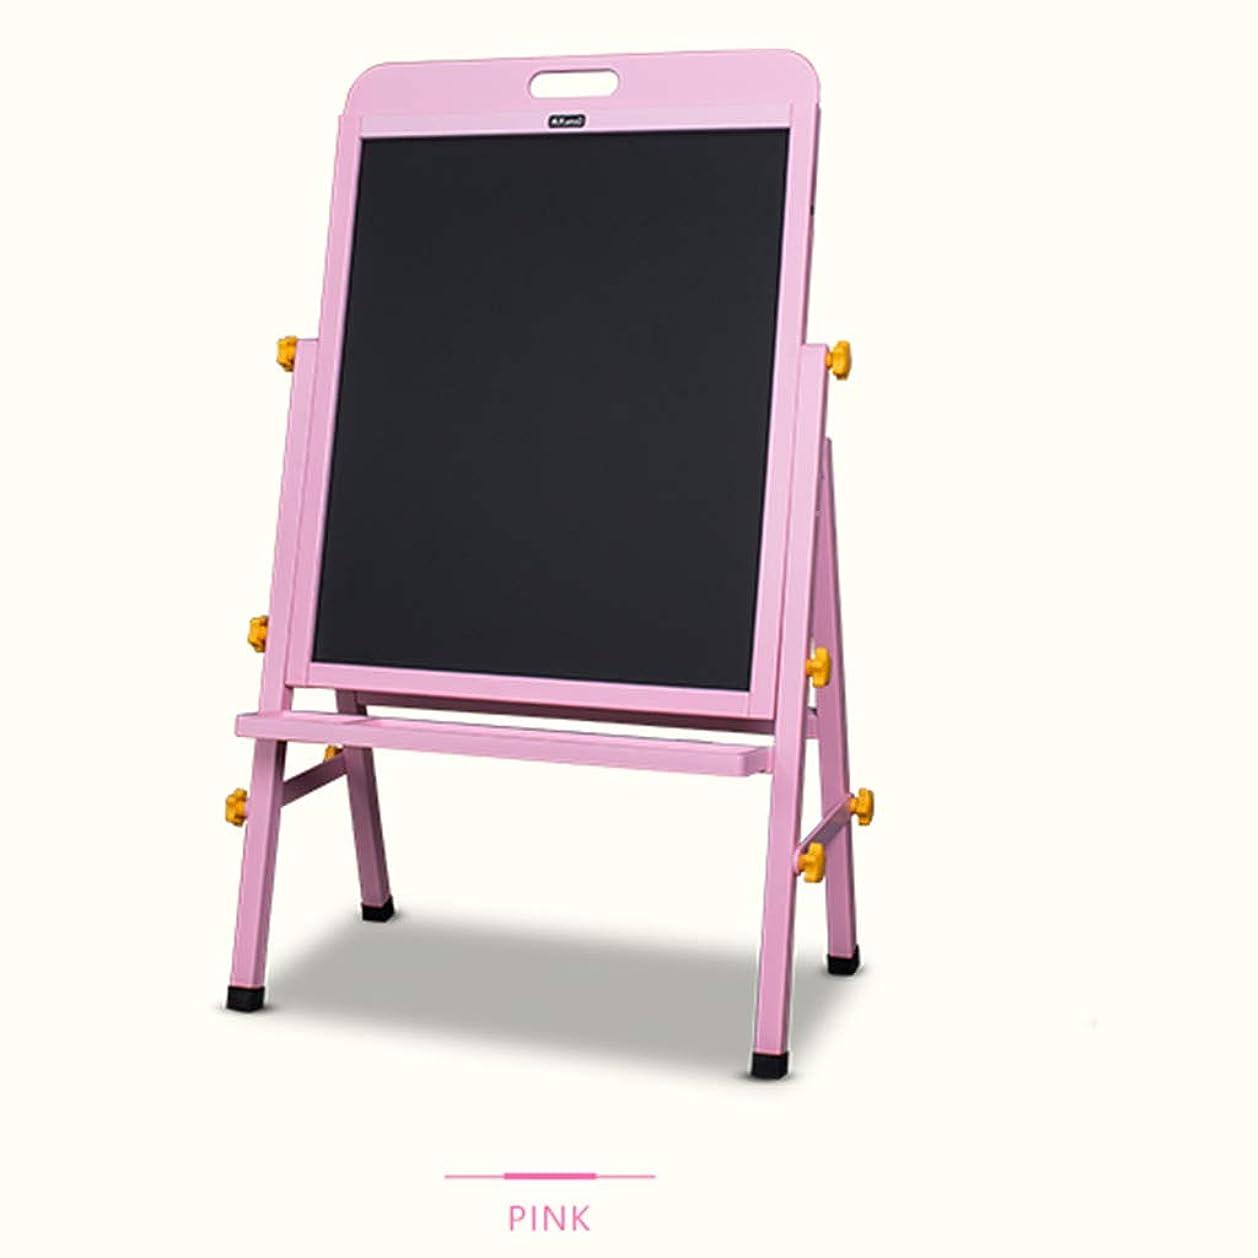 拡散する反射正当化するイーゼル - ソリッドウッドの子供のドローイングボードは、上げられ、下げられたイーゼルができます。両面磁気スモールブラックボードブラケットペイントボード (色 : ピンク)